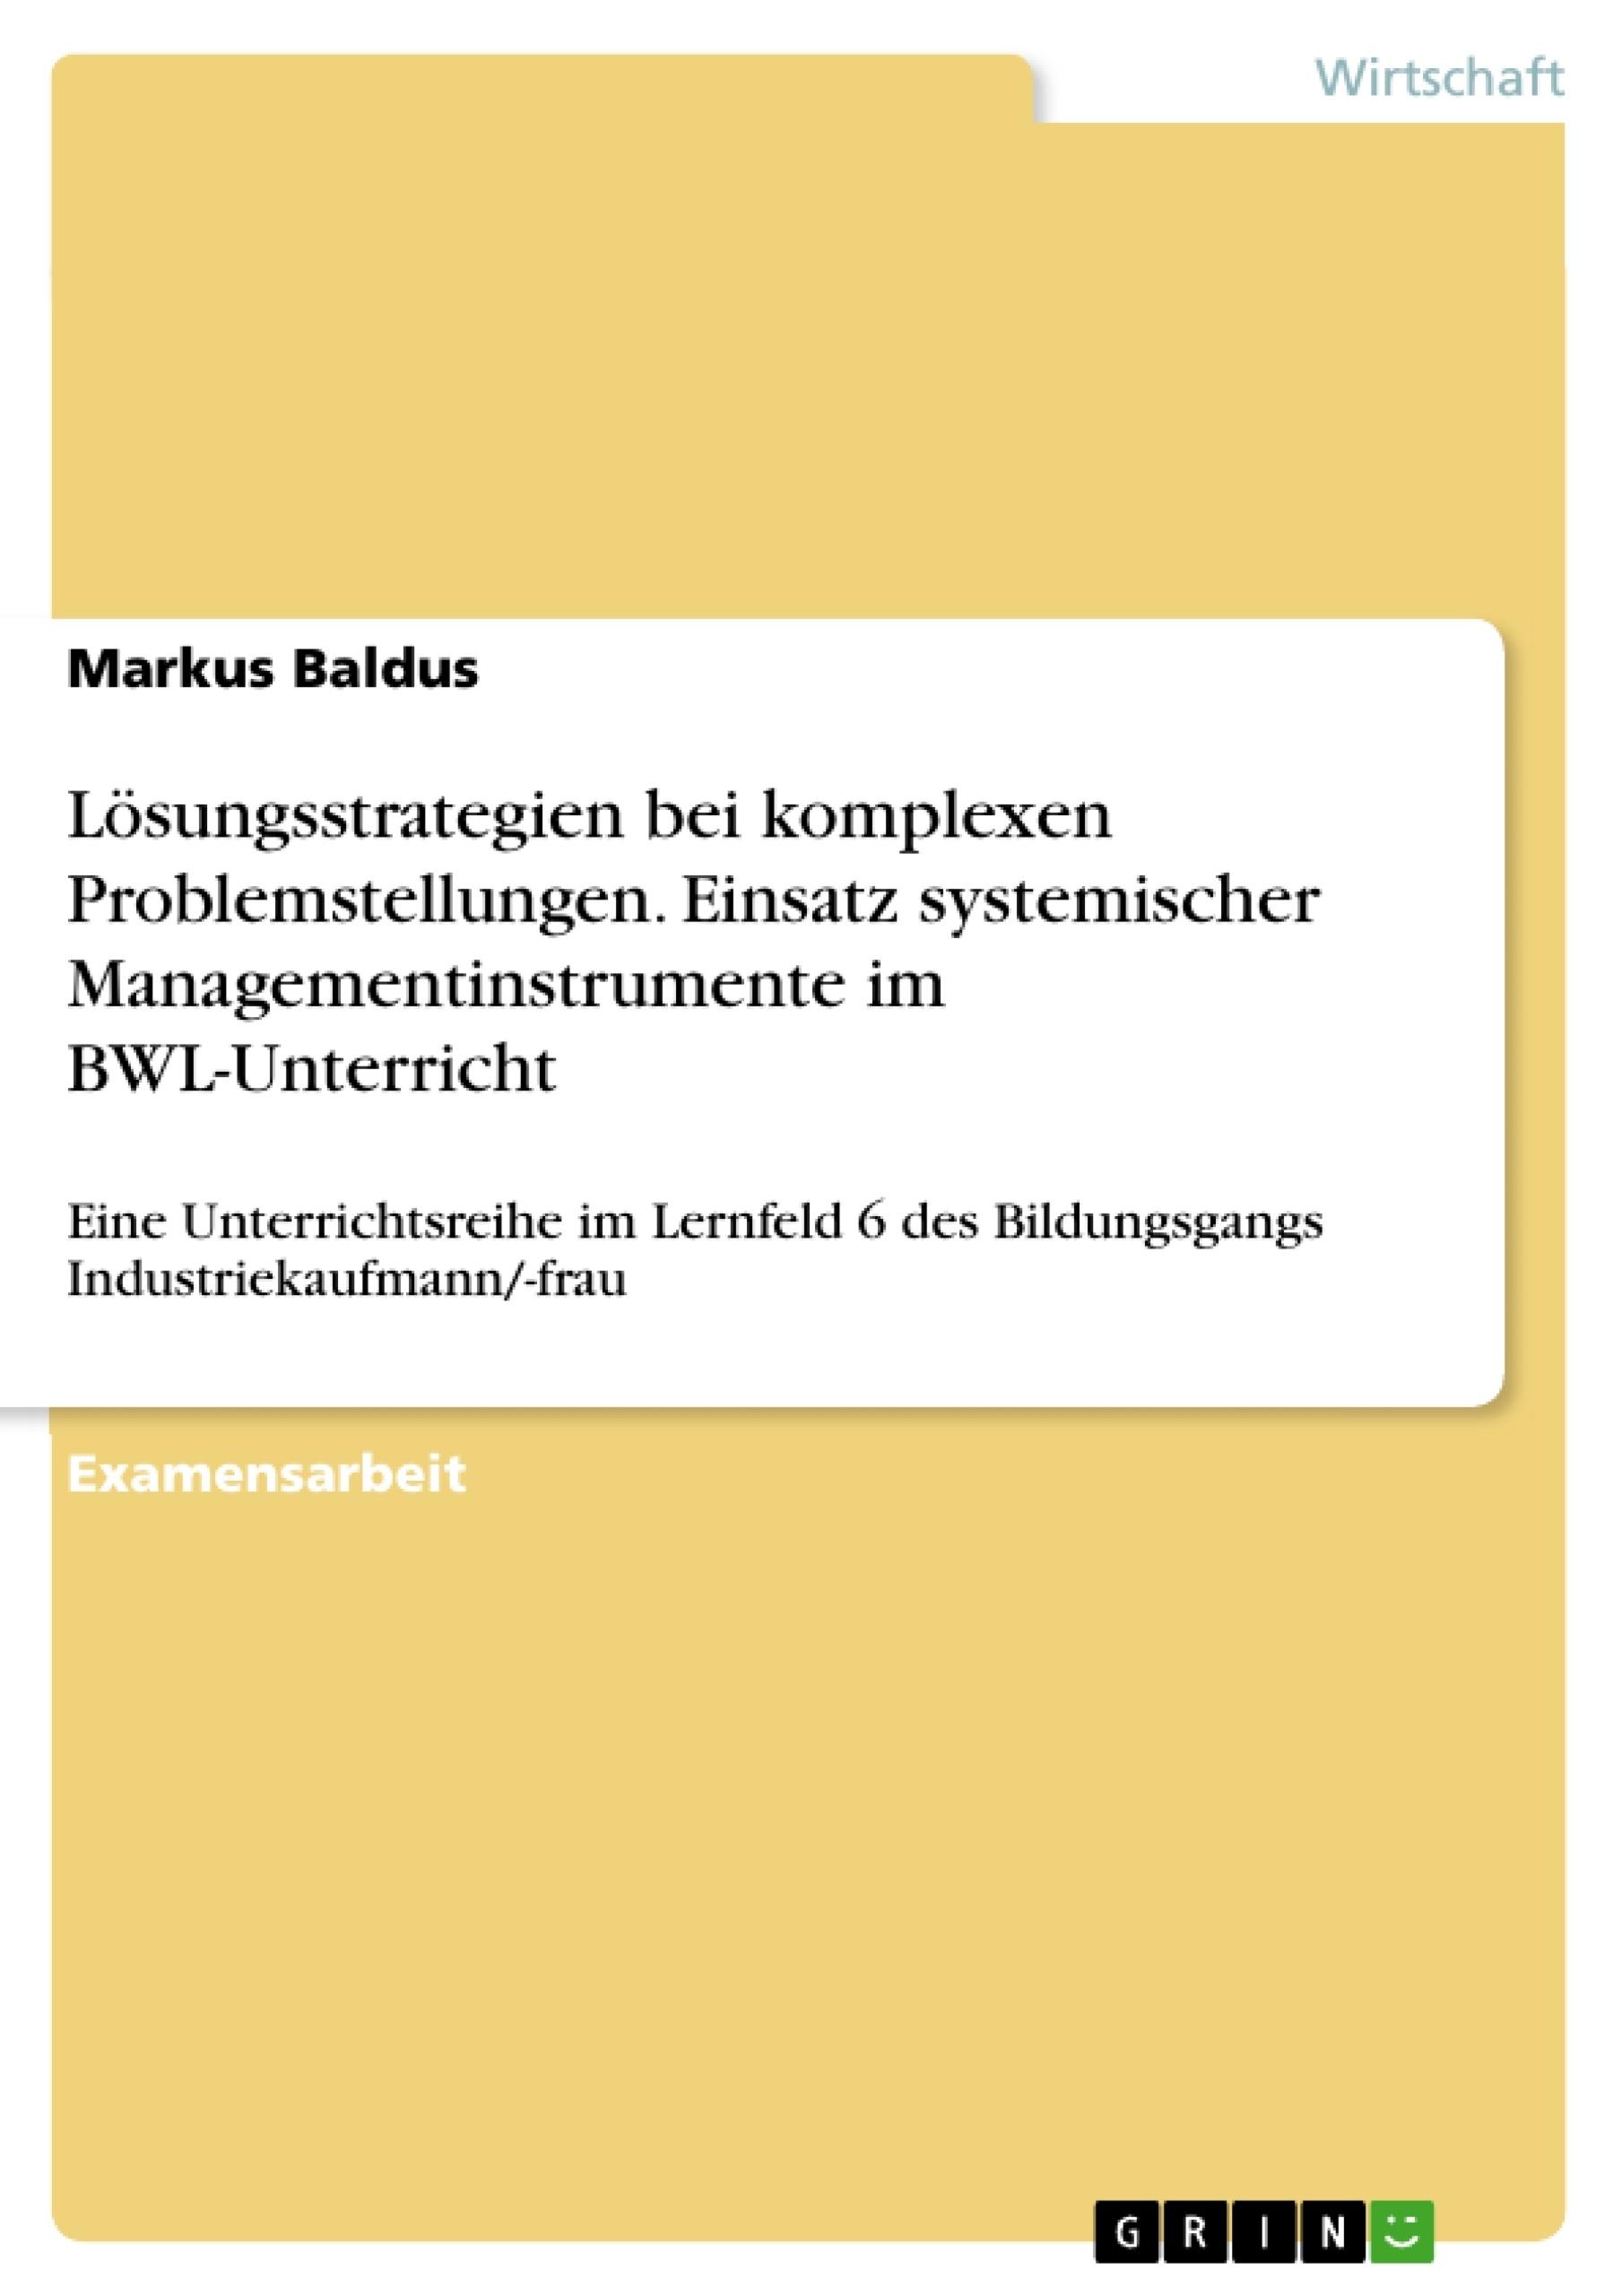 Titel: Lösungsstrategien bei komplexen Problemstellungen. Einsatz systemischer Managementinstrumente im BWL-Unterricht